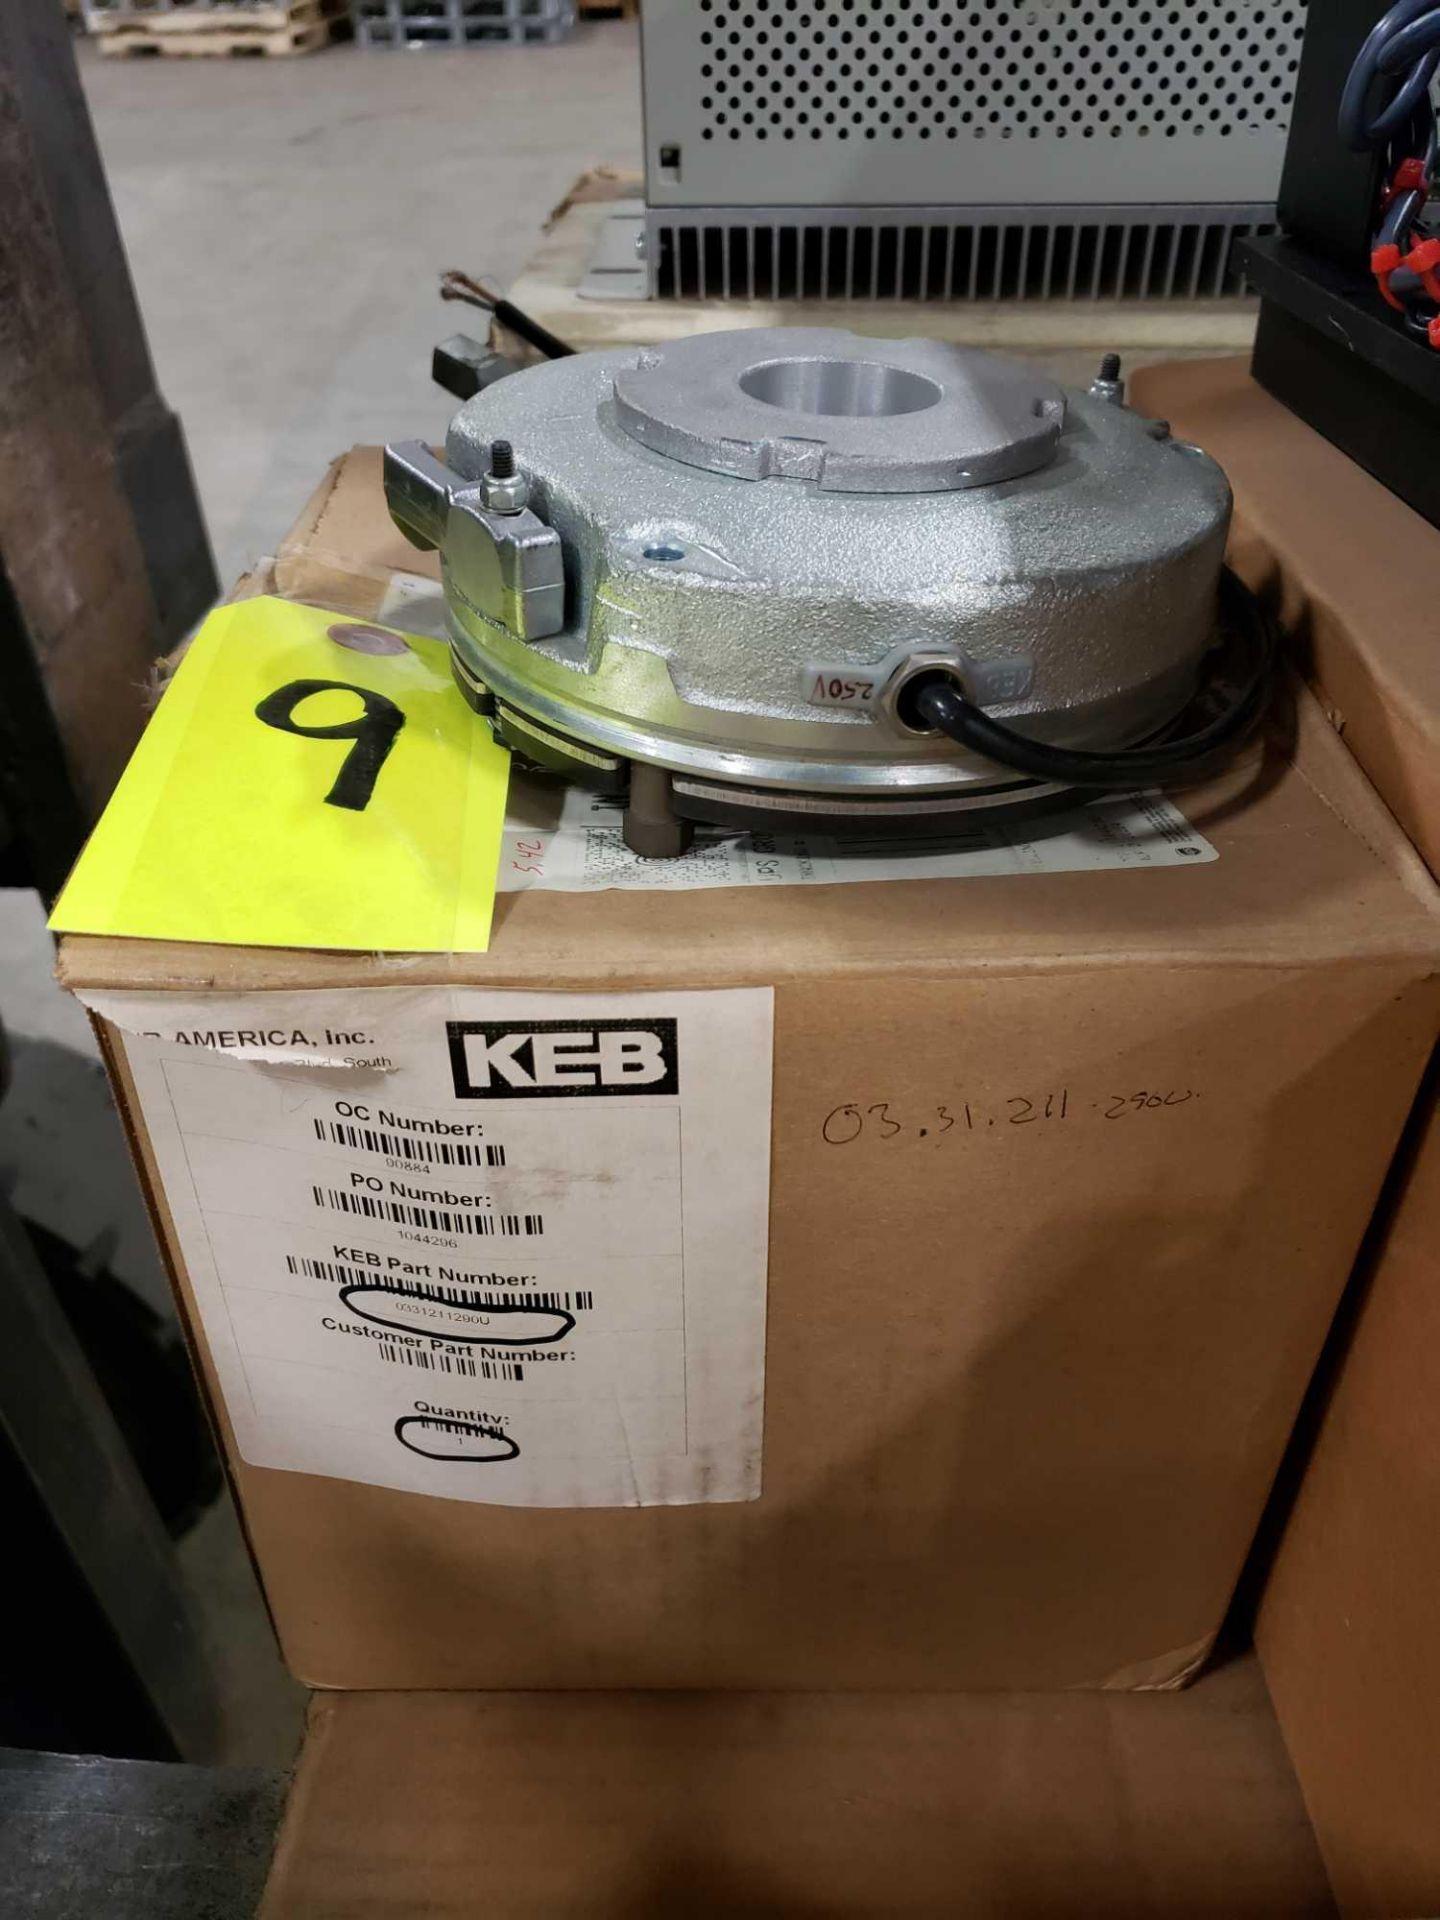 Lot 9 - KEB brake model 0331211290U. New in box.